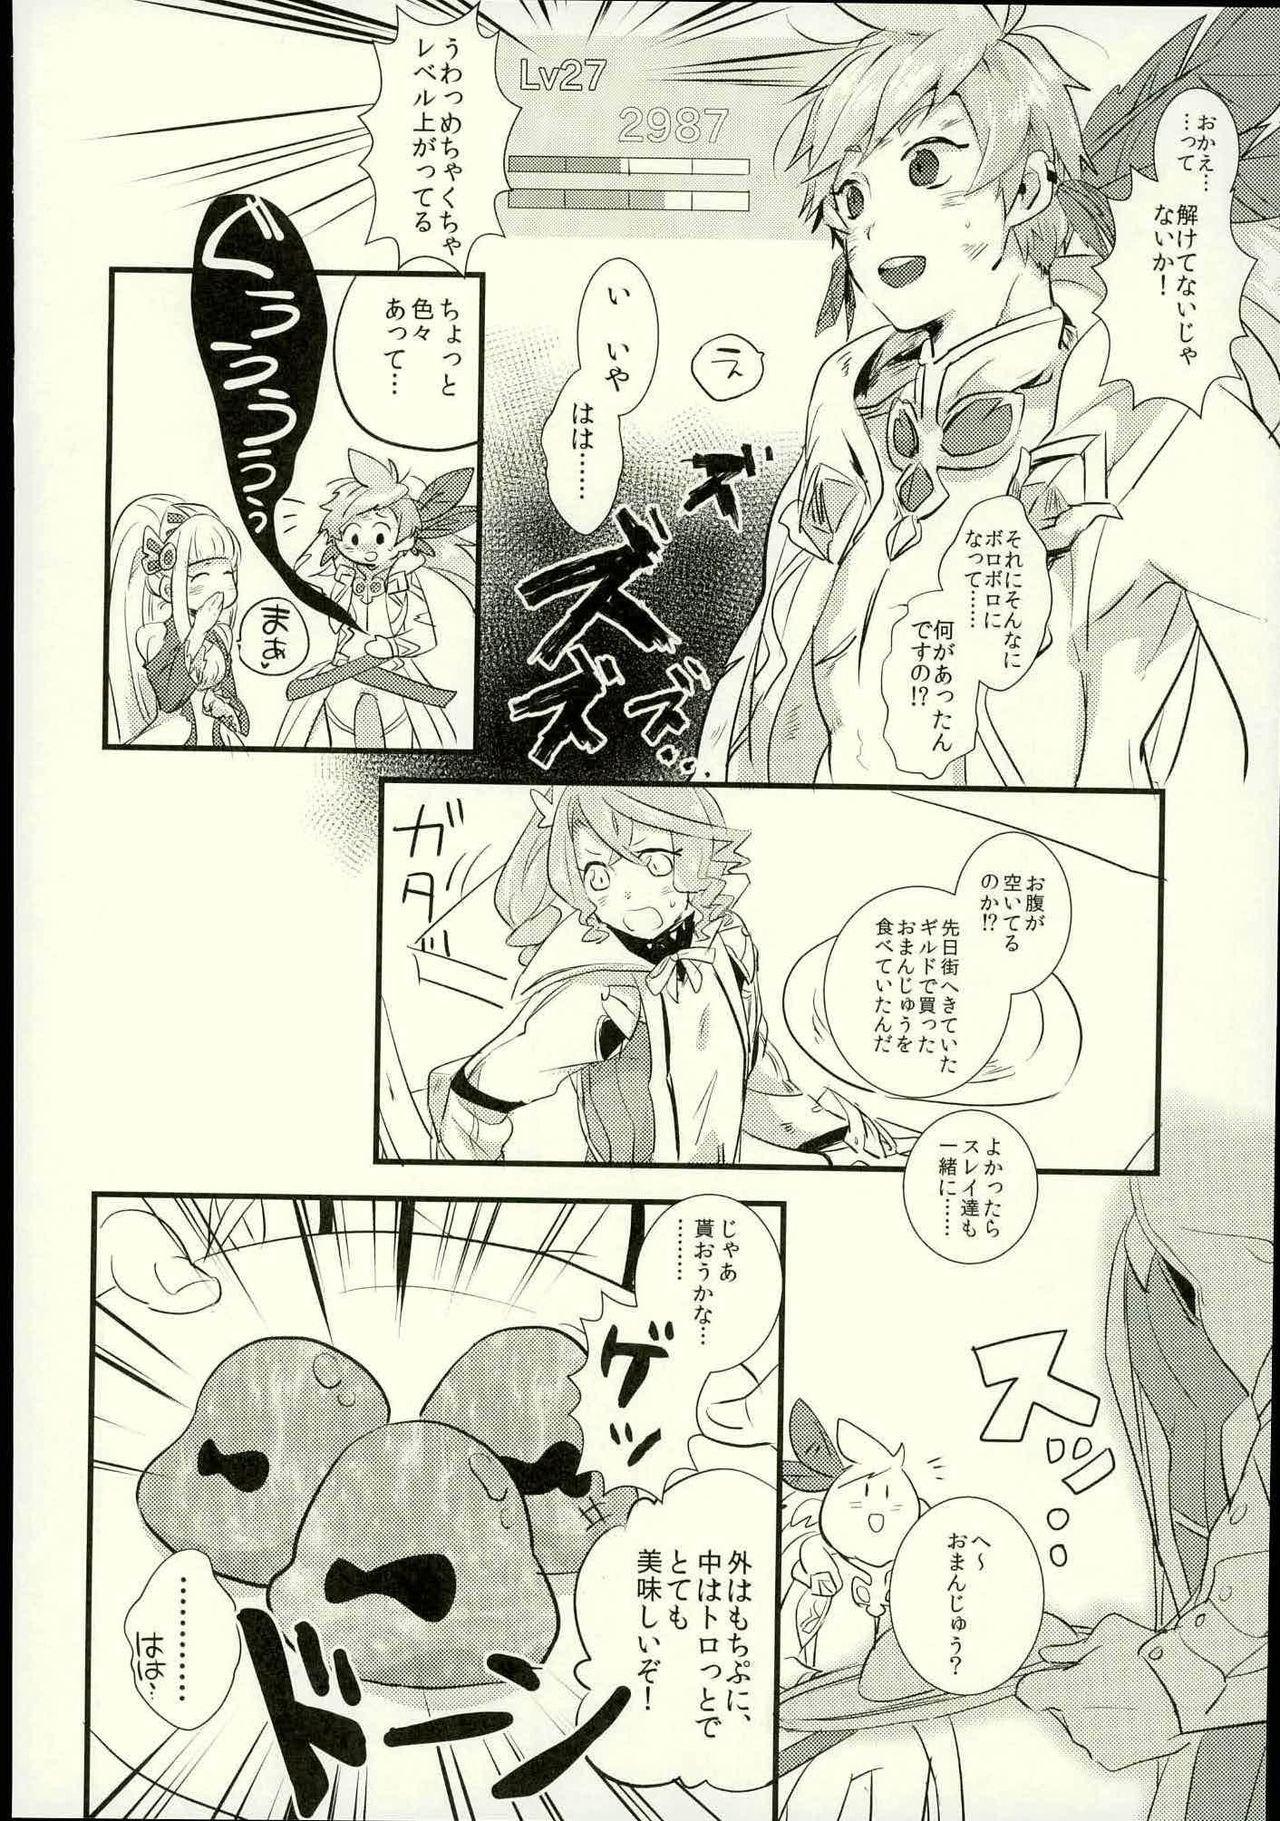 【BL同人誌】神衣脱げなくなったスレイ、疲れる為にミクリオとオナニーしたたはいいけれど・・・憑魔に目をつけられた二人は、一緒にそのまま憑魔の触手に犯されまくっちゃうwwww【テイルズ オブ ゼスティリア】 017